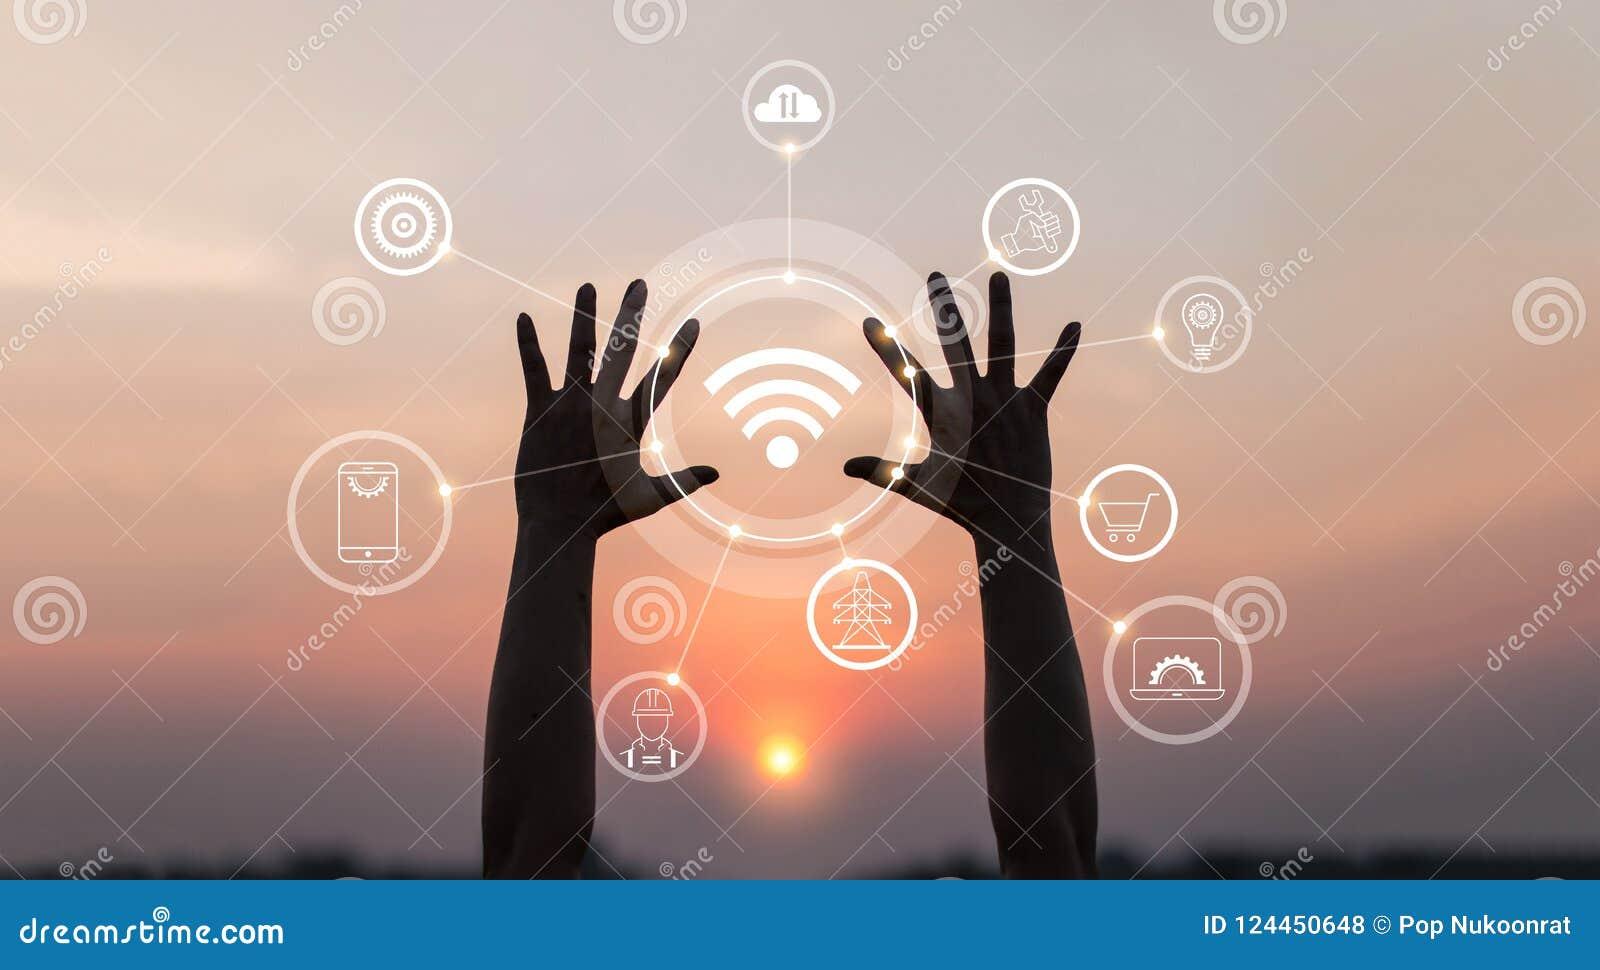 有电信的创新象和发展的手